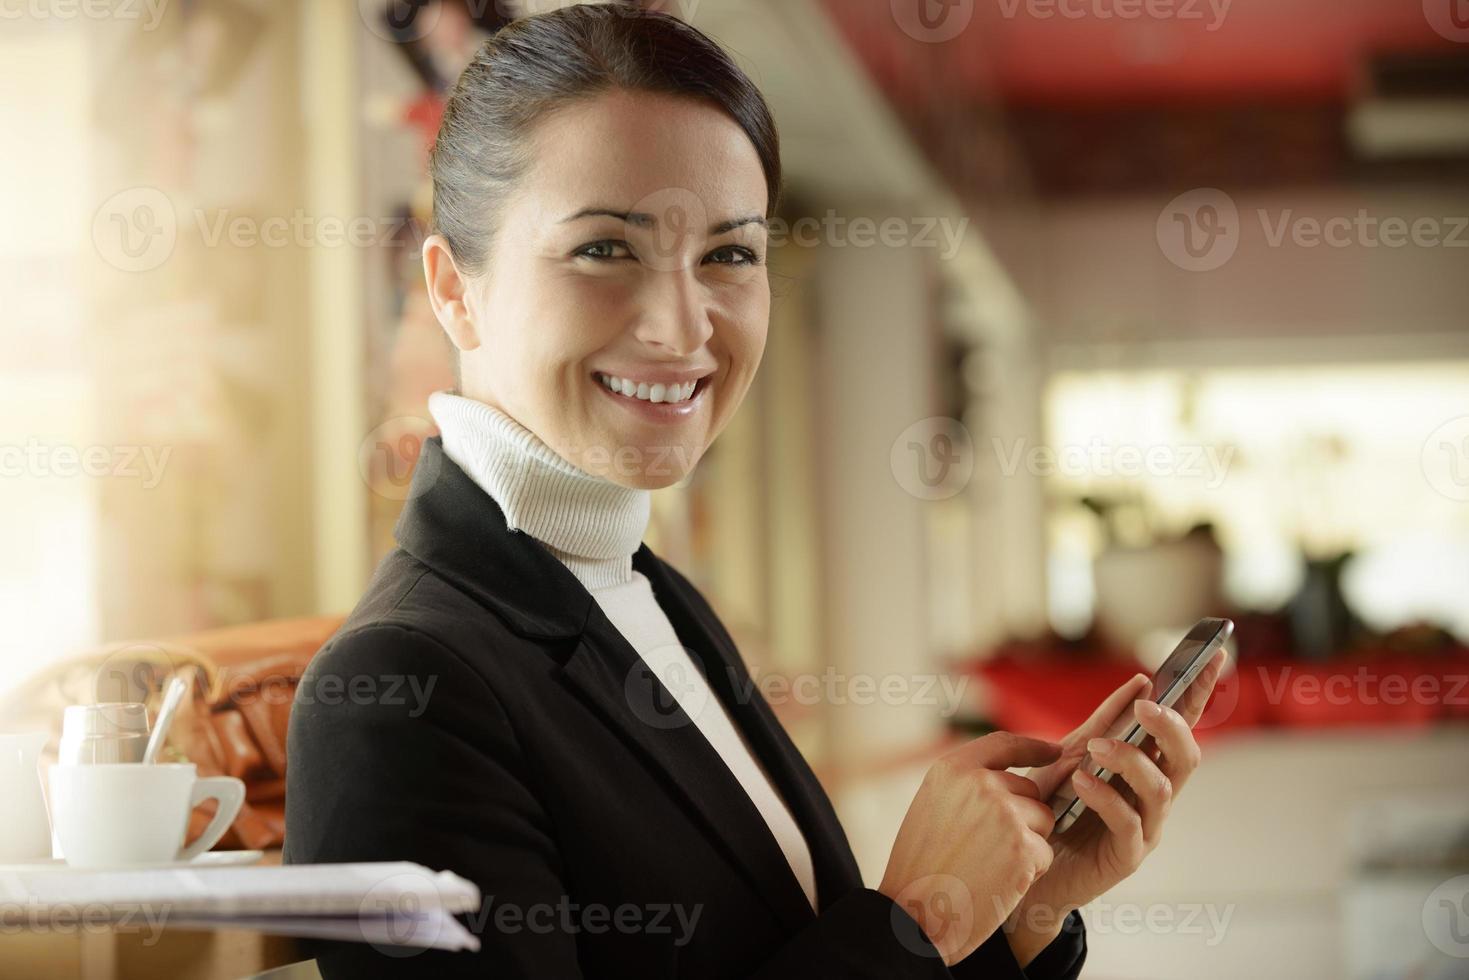 Frau an der Bar SMS mit ihrem Handy foto